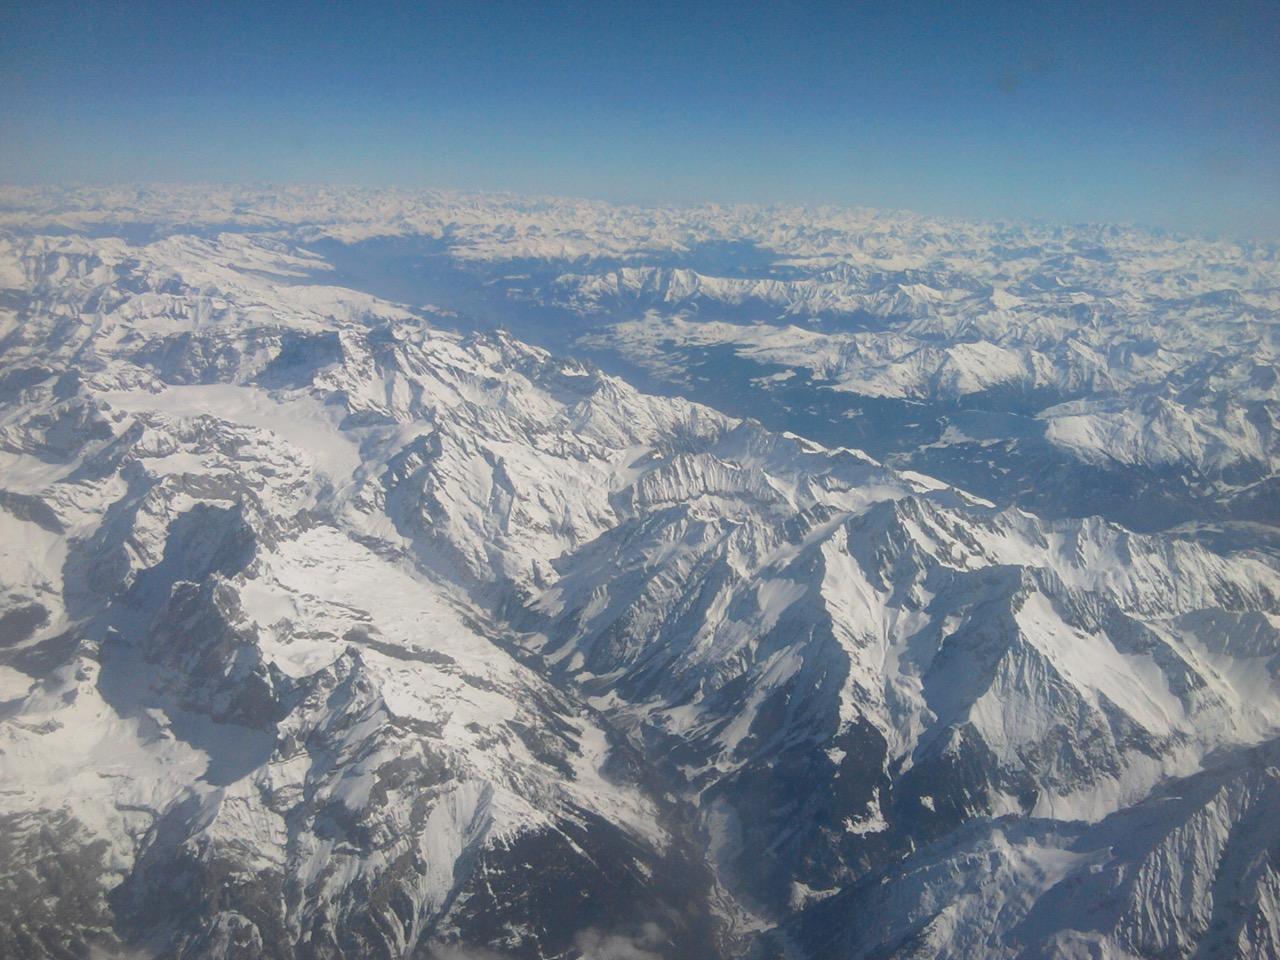 Ein toller Anblick: die schneebedeckten Alpen von oben